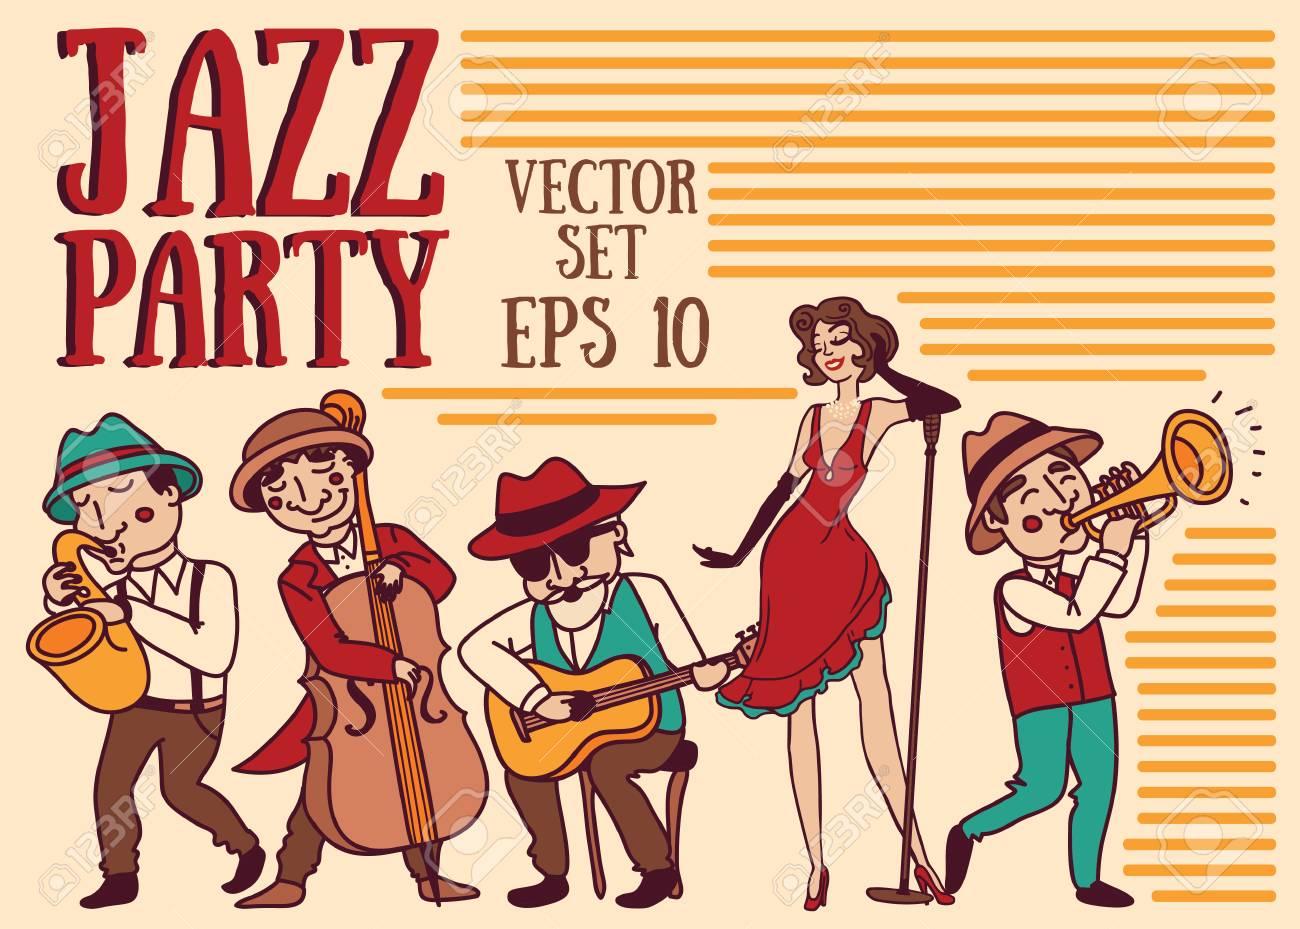 ベクトル イラストのセット 19 年代のスタイル ジャズやブルースの音楽バンドのかわいい落書きミュージシャンのイラスト素材 ベクタ Image